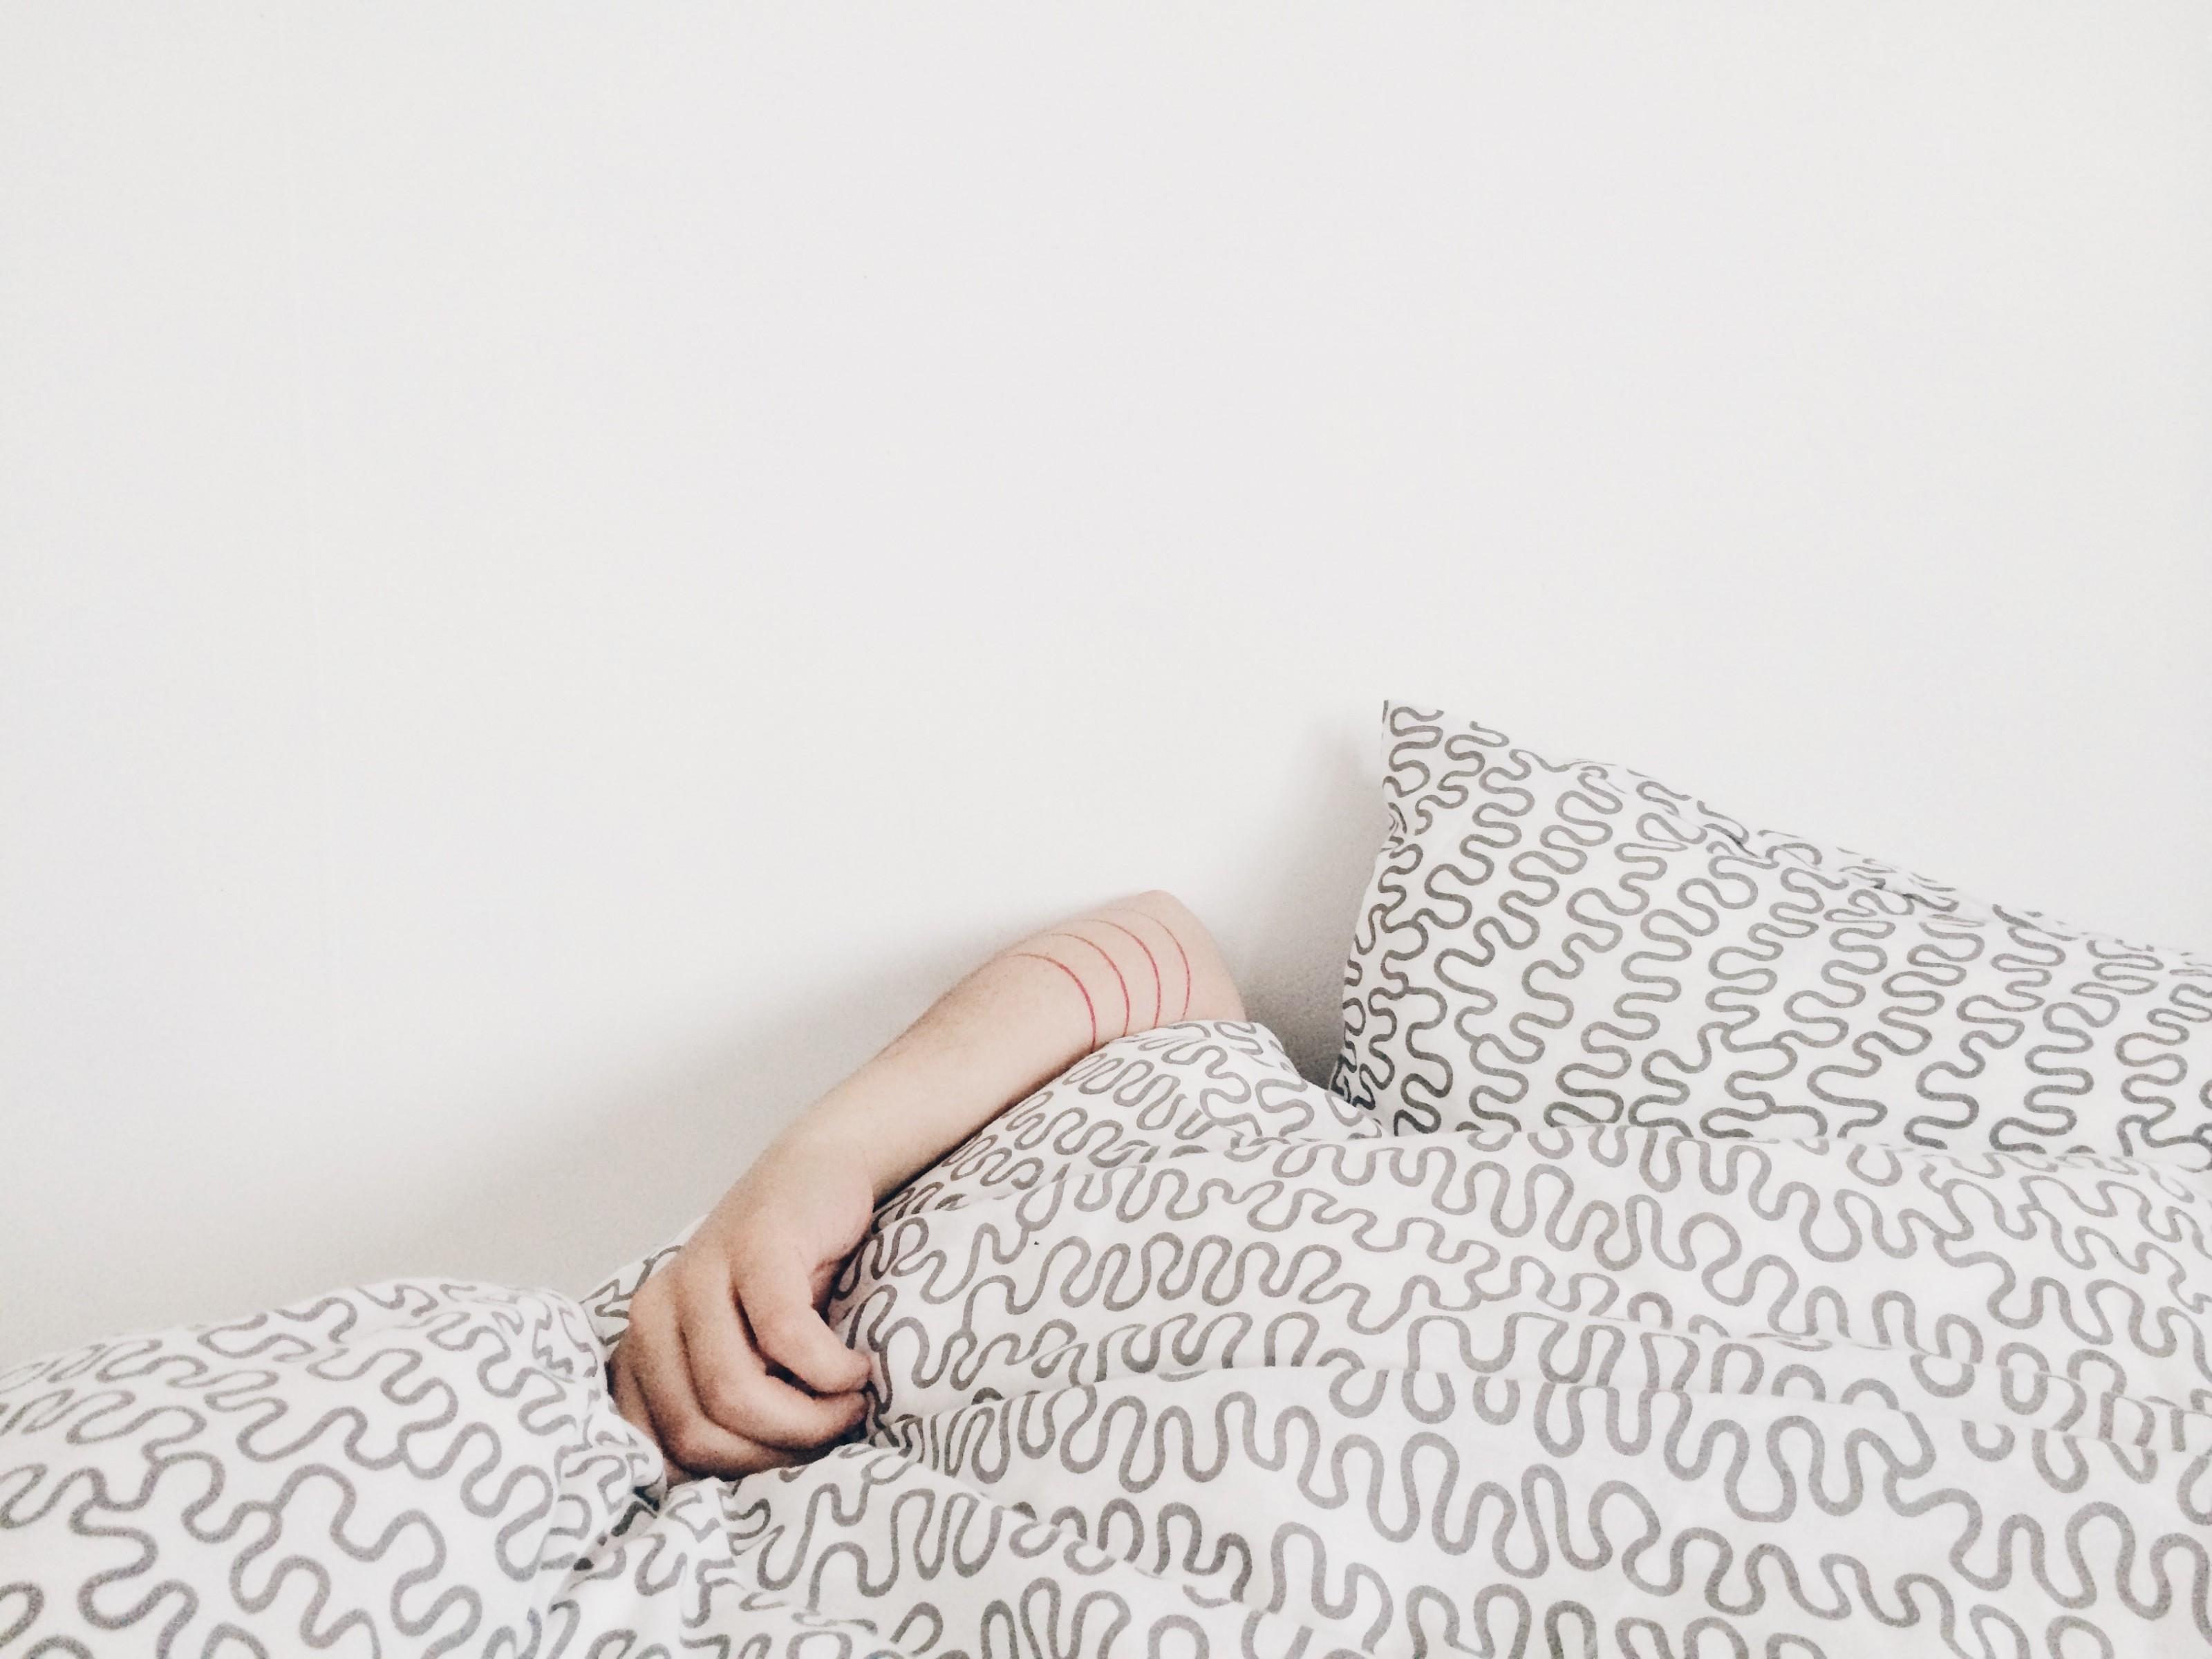 «Соберись, тряпка»: что такое стигматизация в психиатрии и как это влияет на наше здоровье